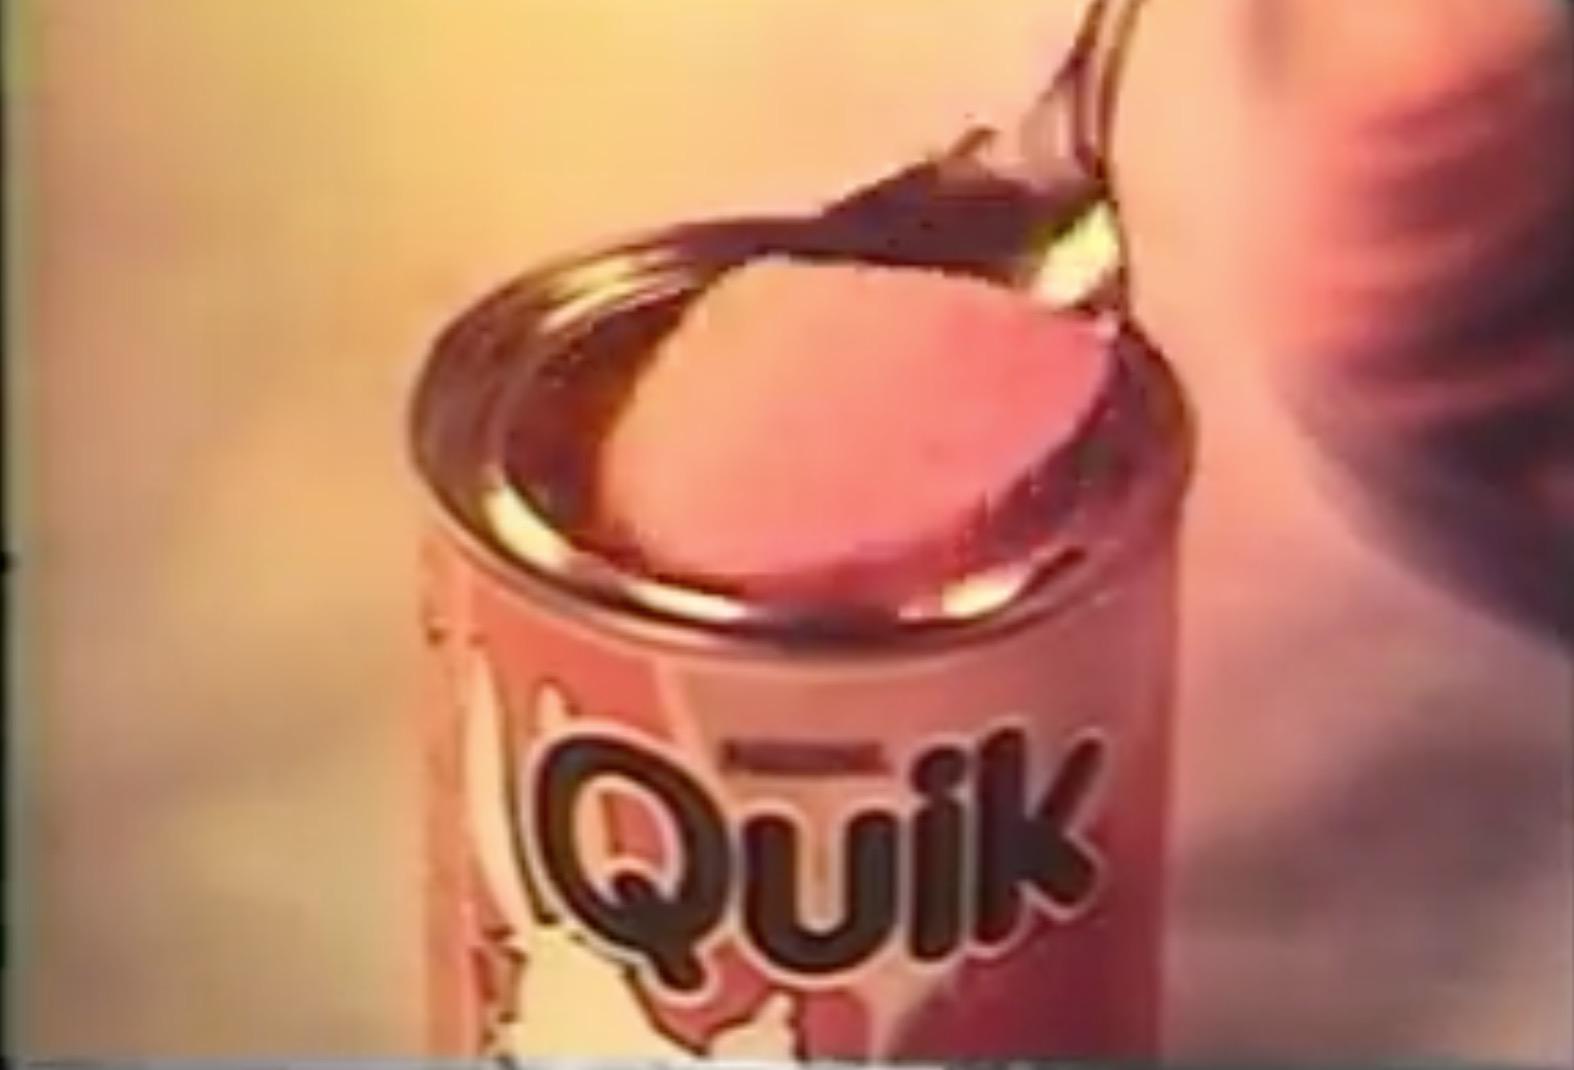 Campanha de lançamento do achocolatado Quik da Nestlé em 1980